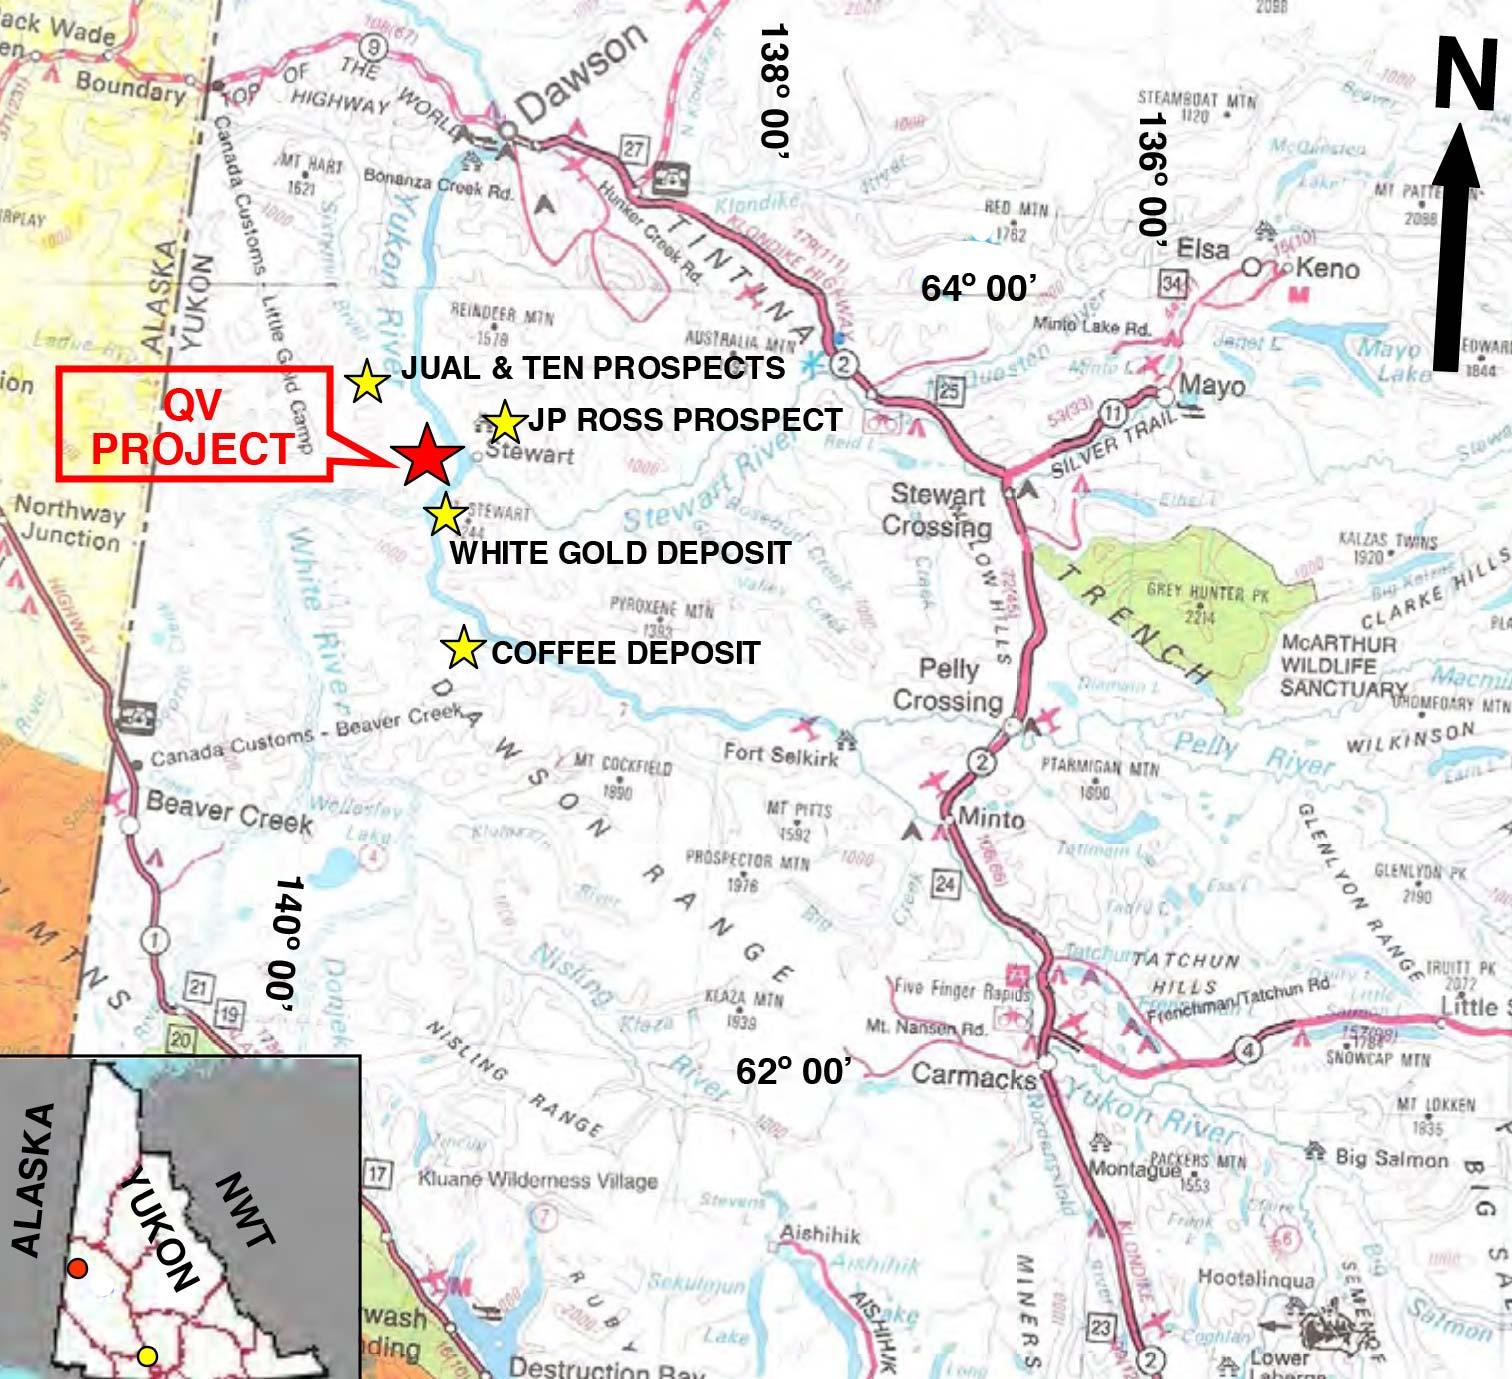 VQ-location